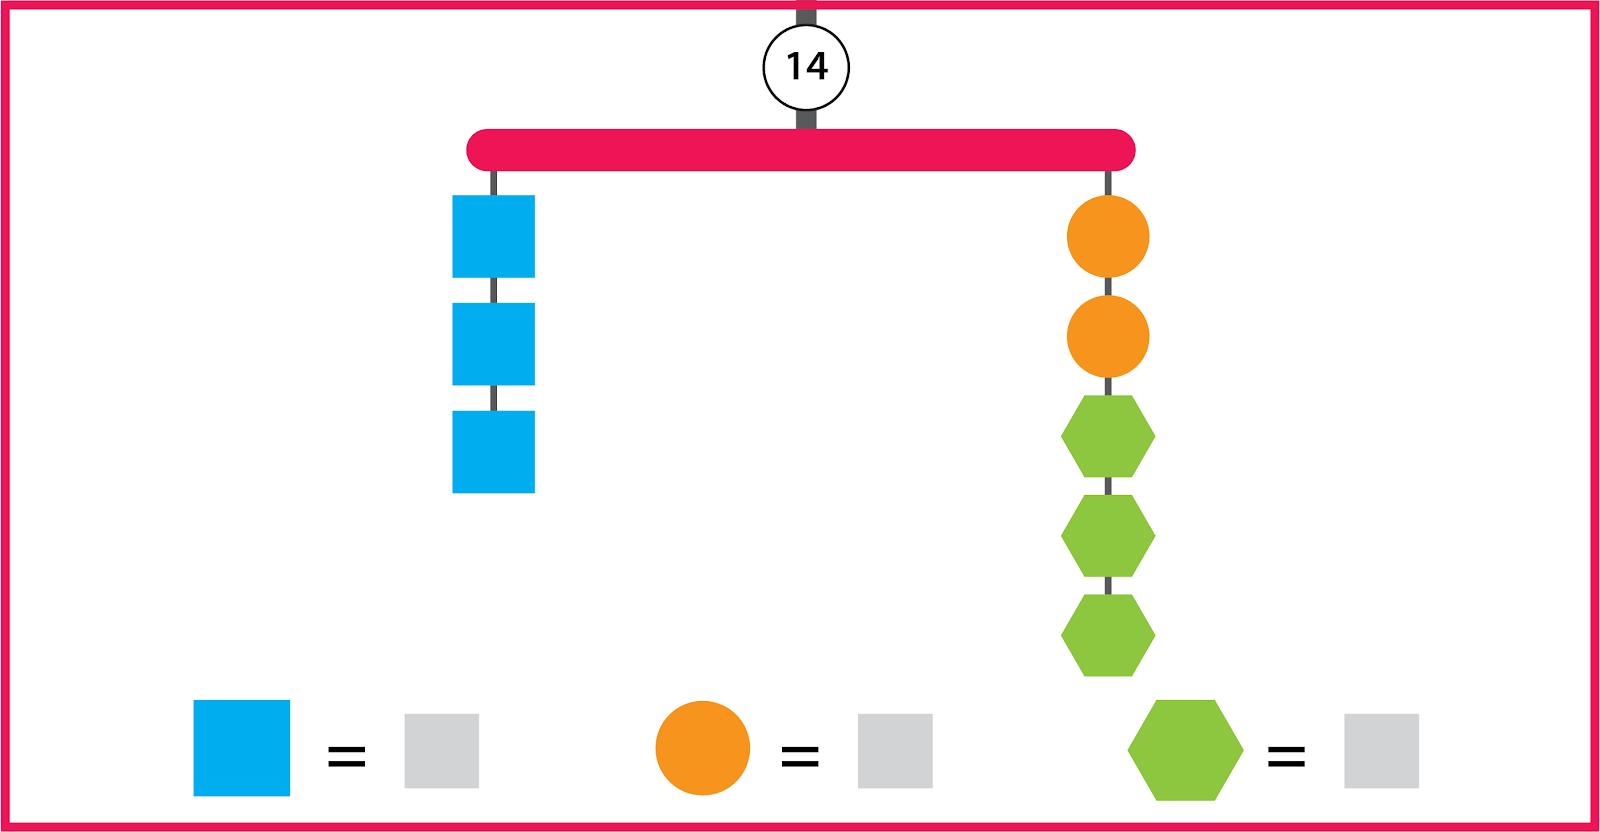 Un móvil equilibrado tiene 2 hilos y un valor total de 14. El hilo de la izquierda tiene 3 cuadrados azules. El hilo de la derecha tiene 2 círculos anaranjados y 3 hexágonos verdes. No se sabe cuáles son los valores de las figuras.